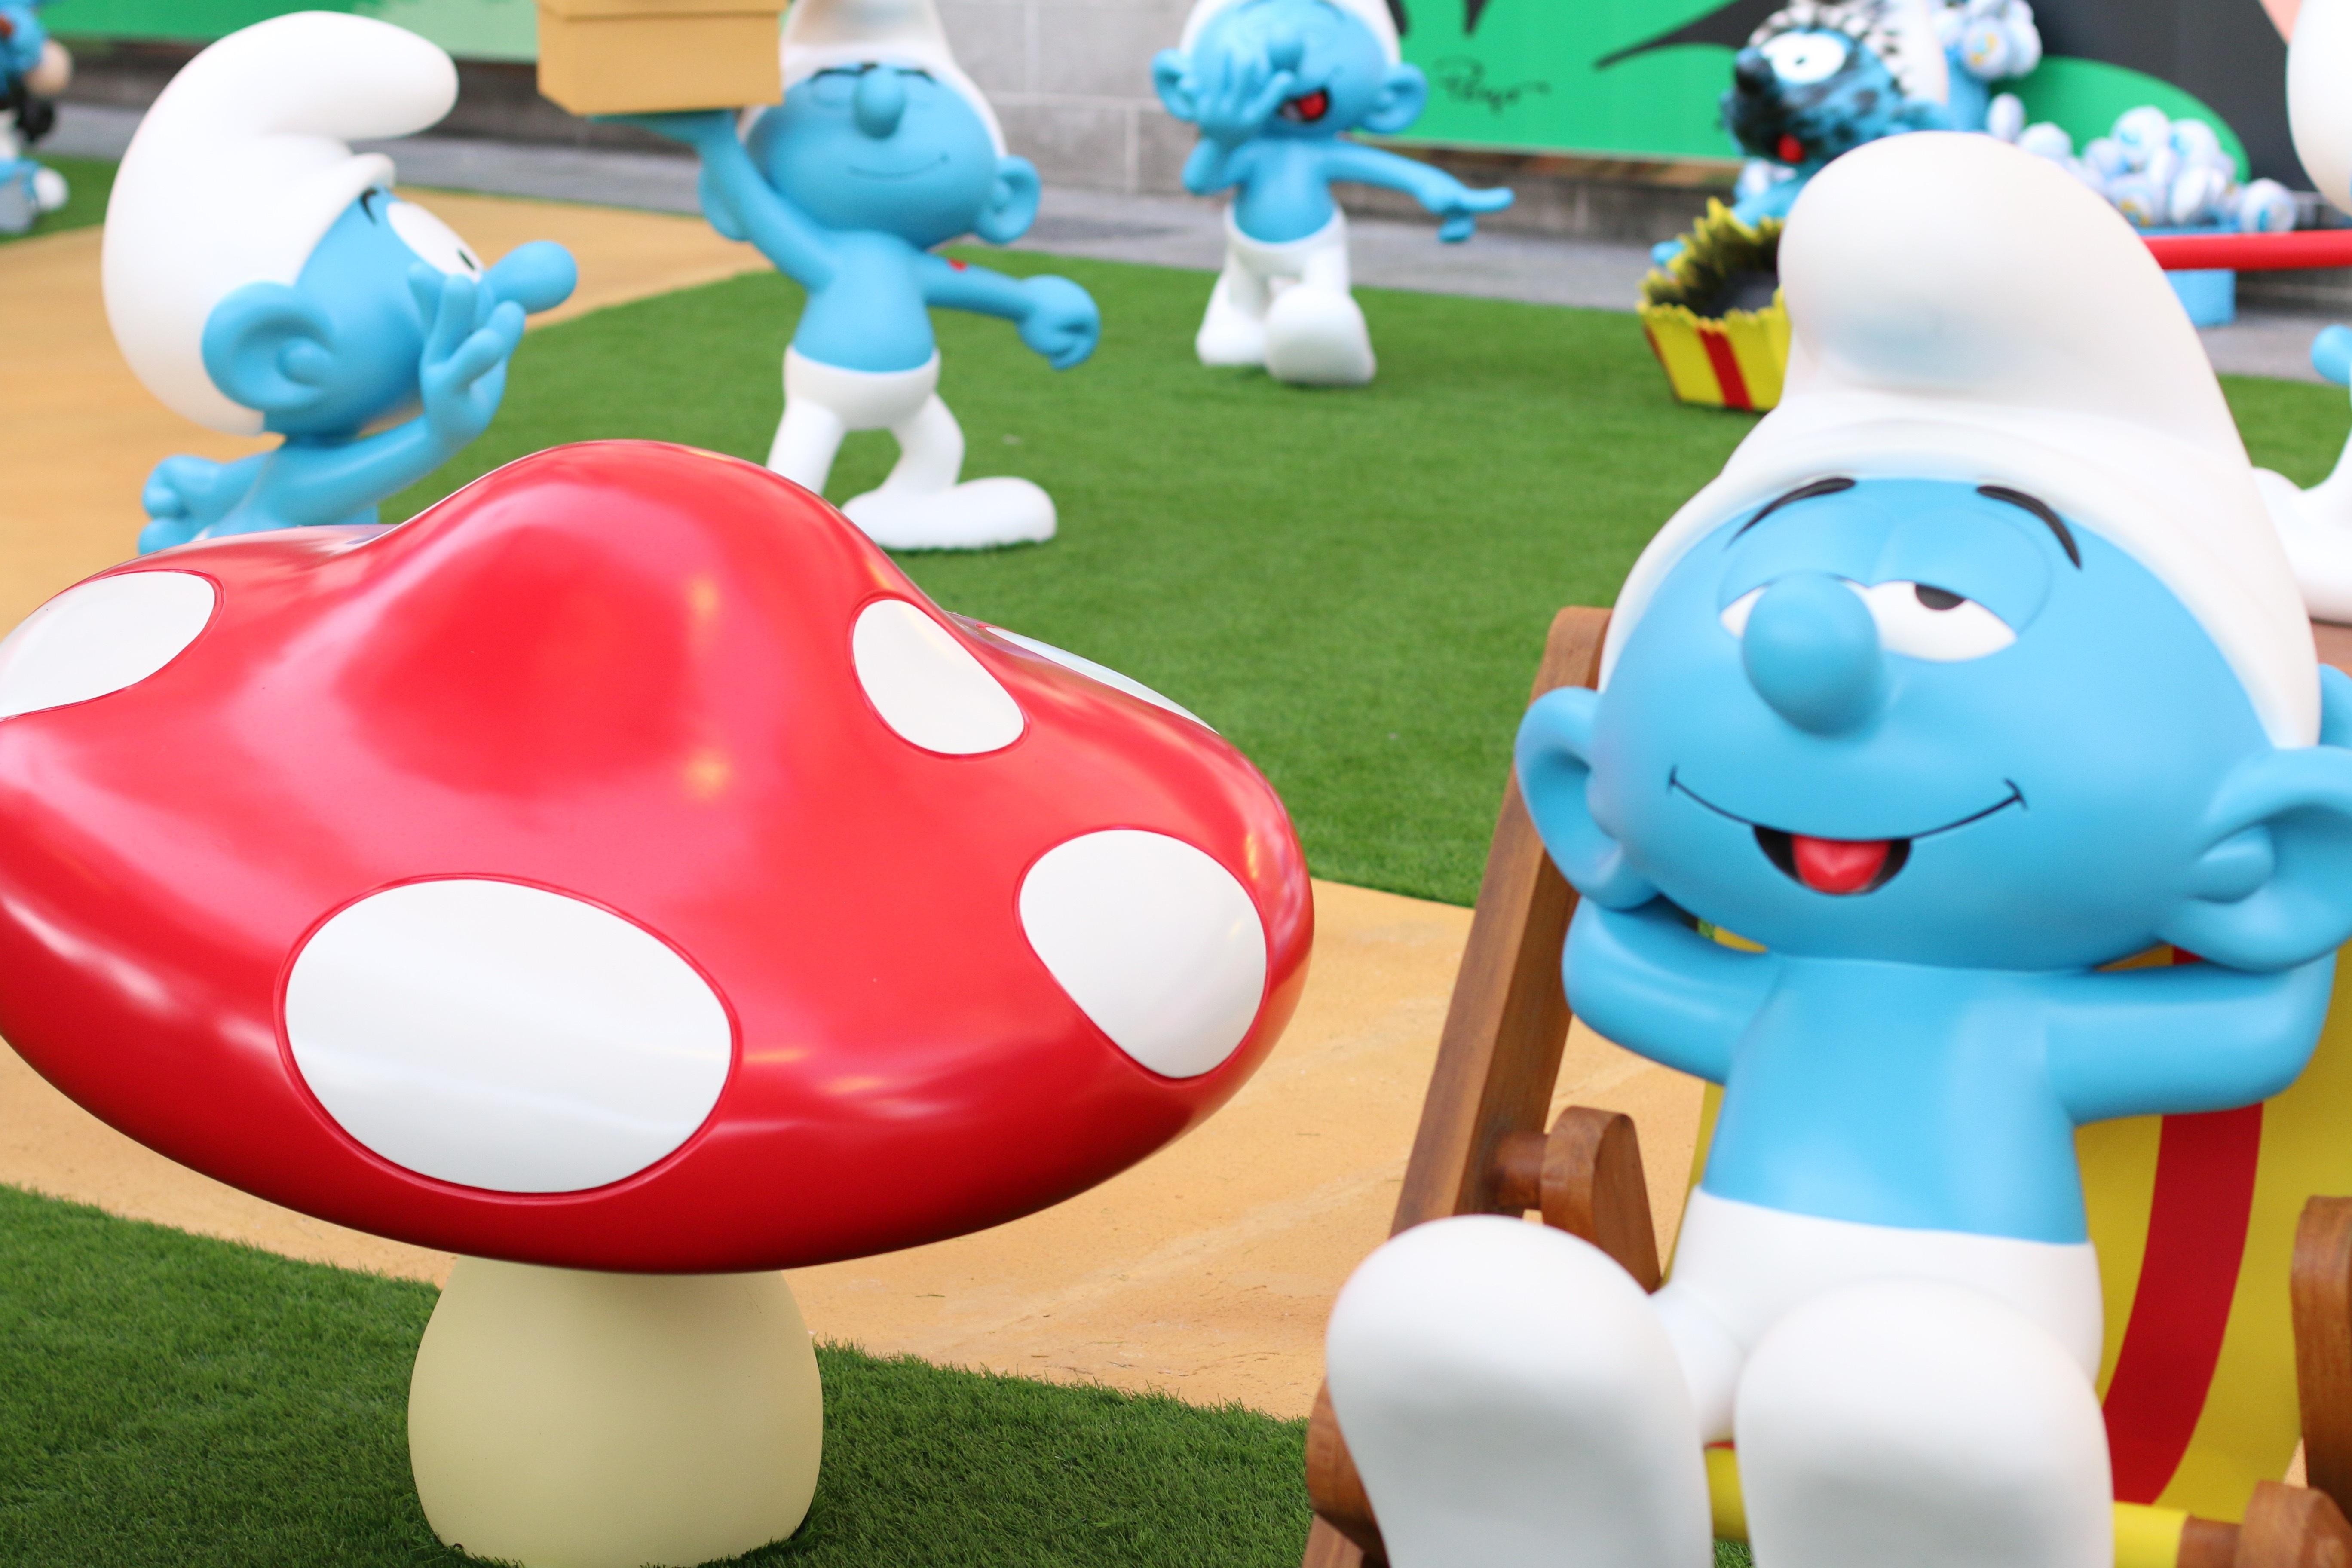 Gambar Balon Mainan Hongkong Tempat Bermain Pameran